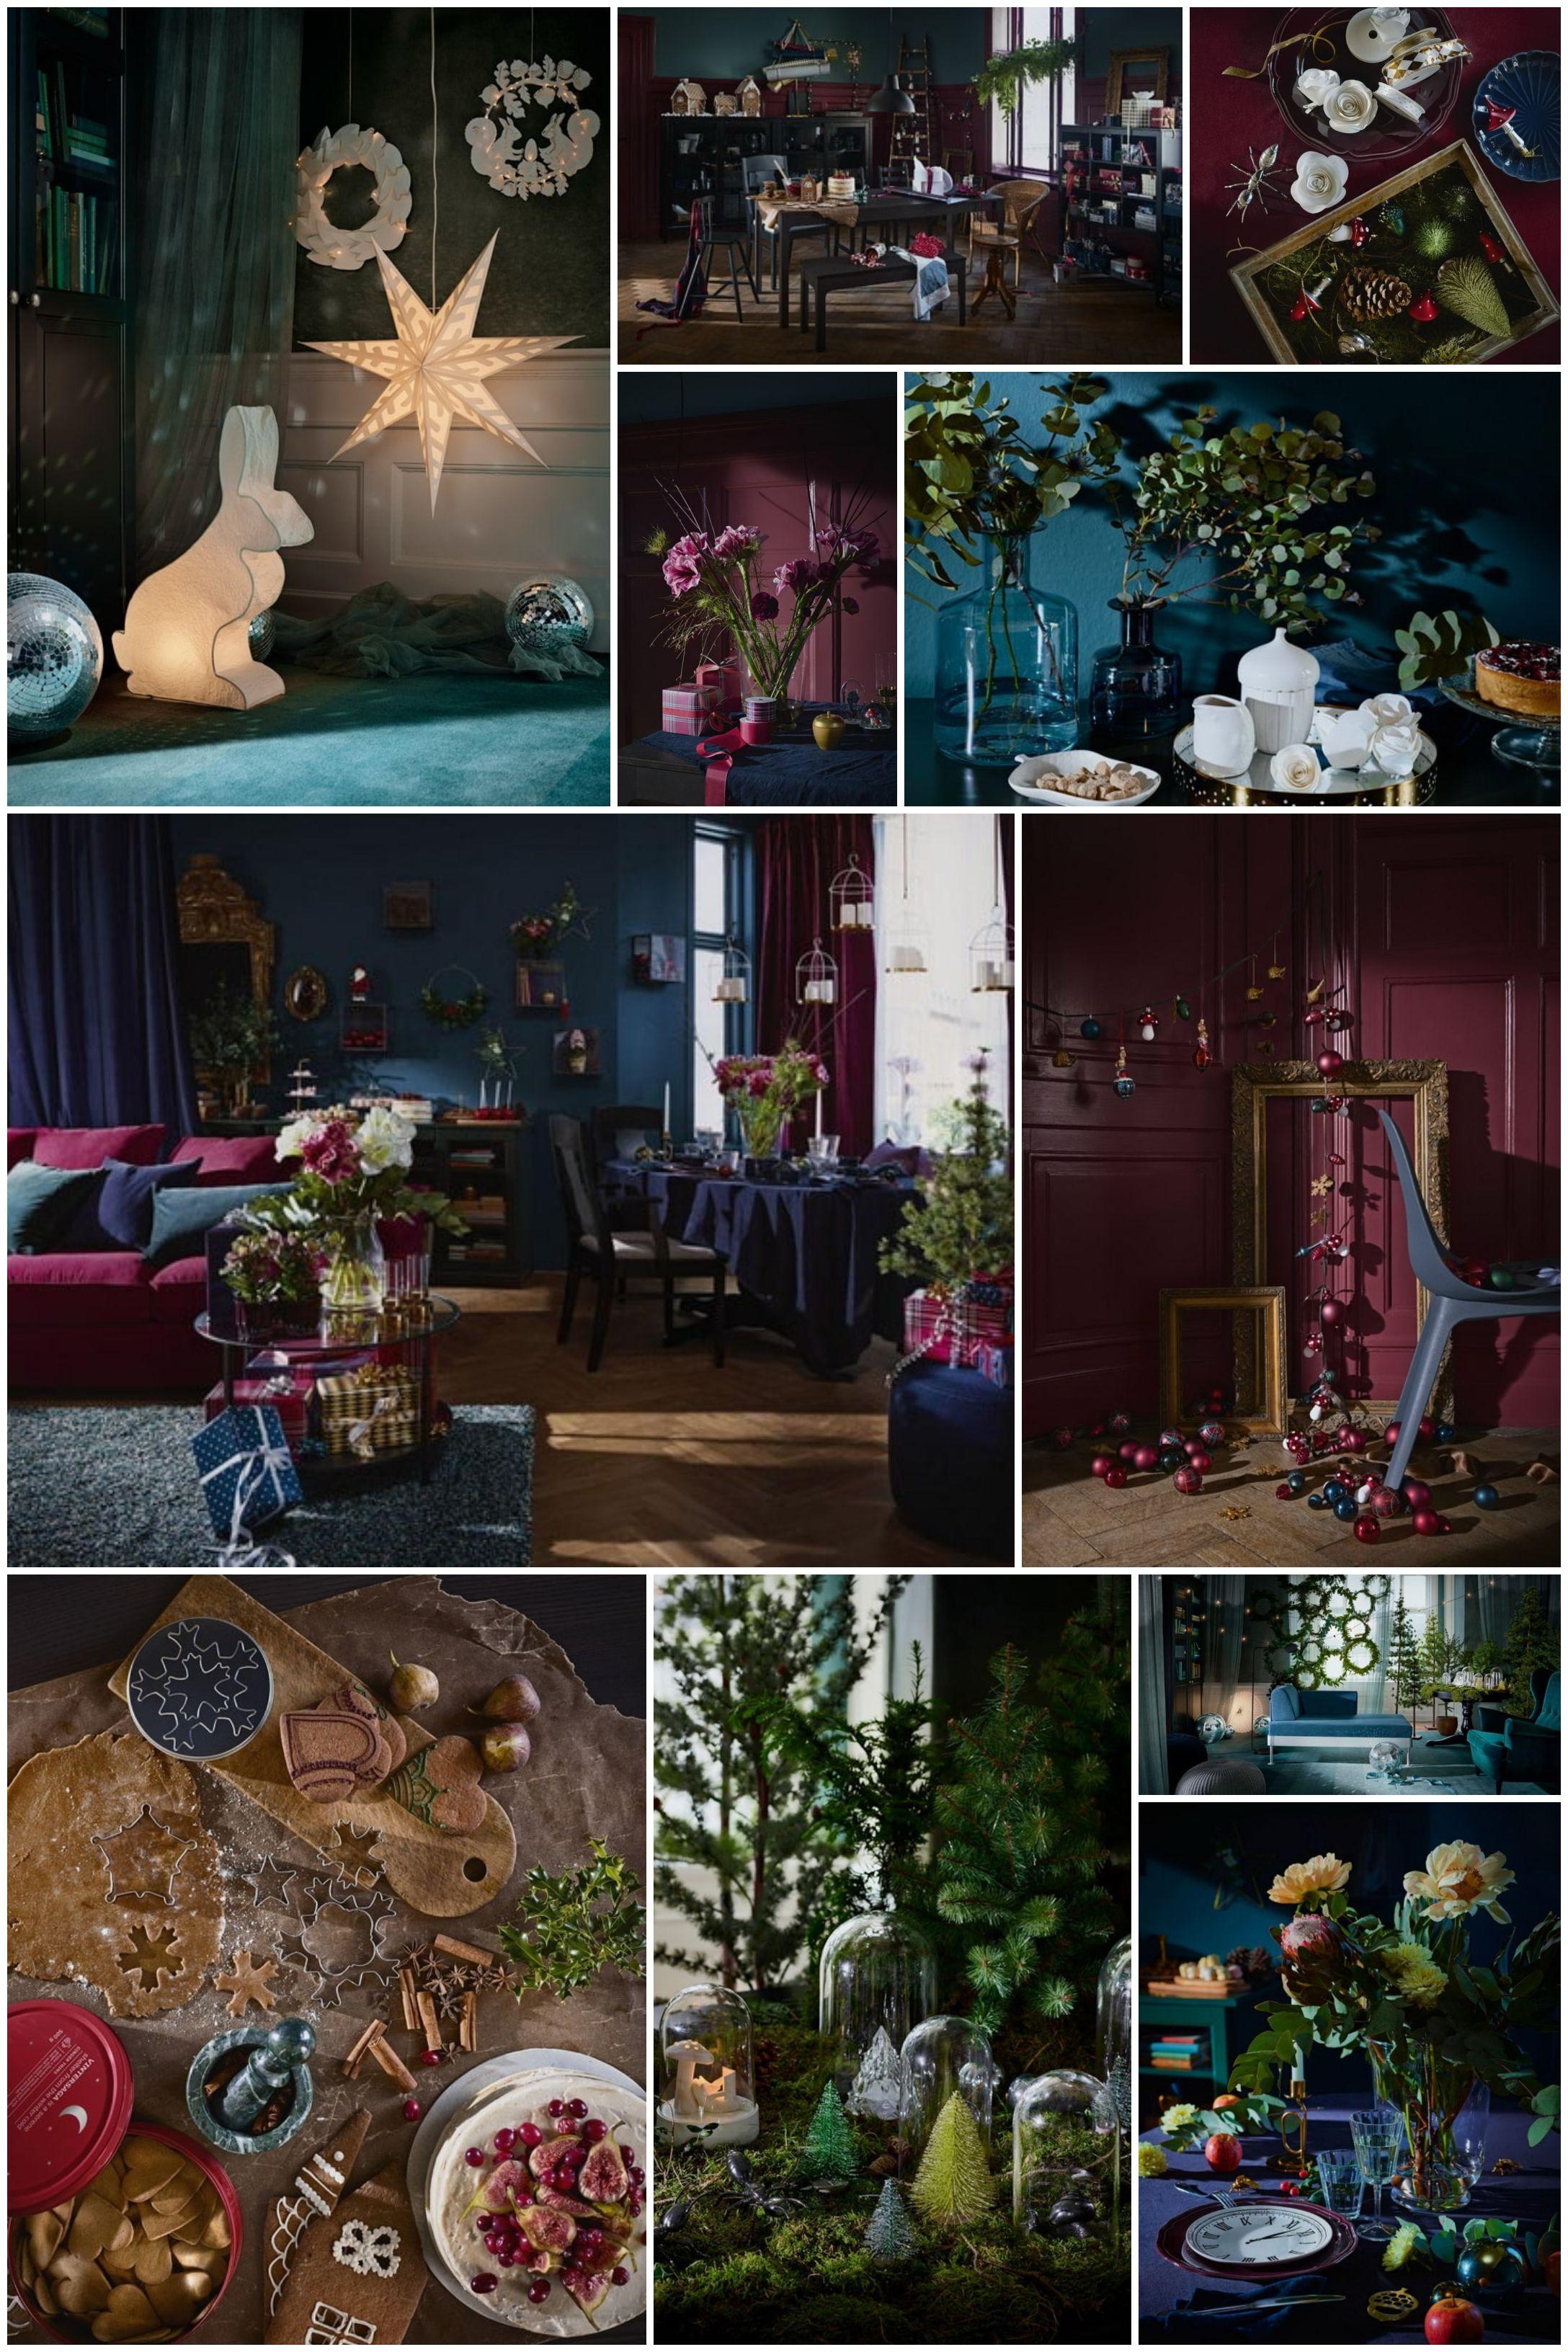 014571a0379 Inspiración para Navidad. Decoraciones navideñas de IKEA.  ikeanavidad   estiloydeco  decoracionnavideña  inspiracionnavideña  tendenciasnavideñas